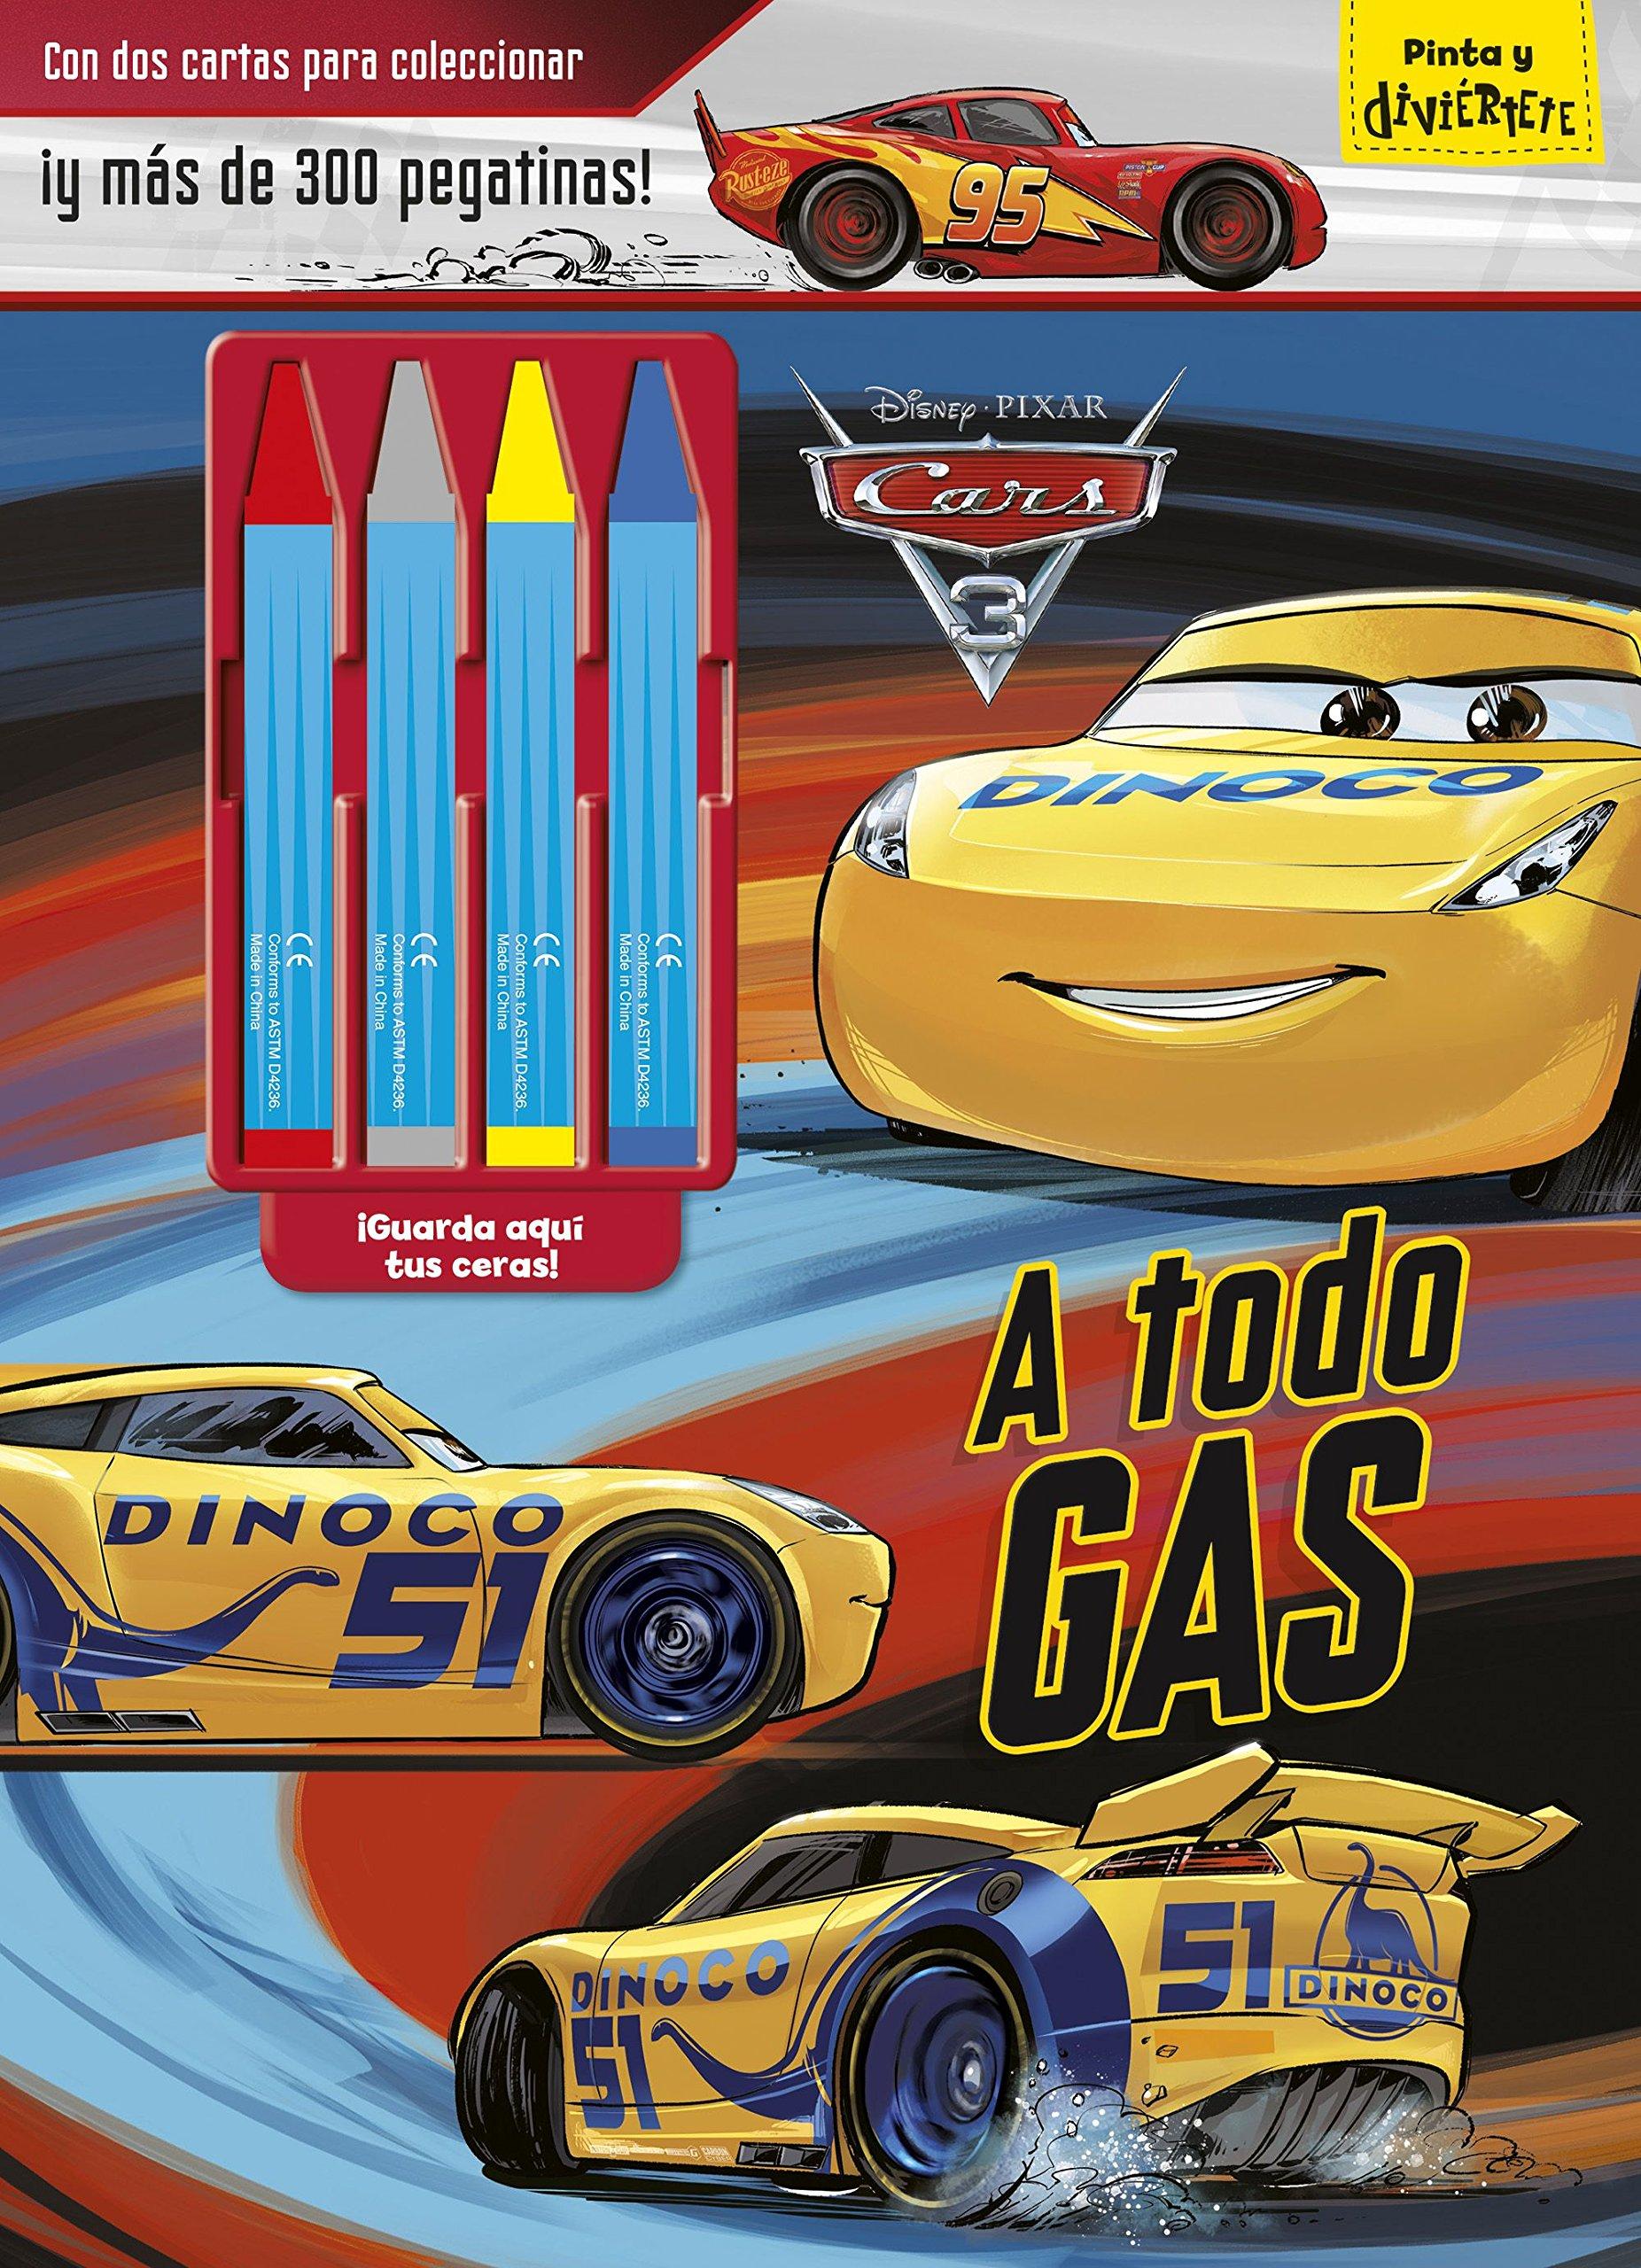 Cars 3. A todo gas: Con dos cartas para coleccionar ¡y más ...